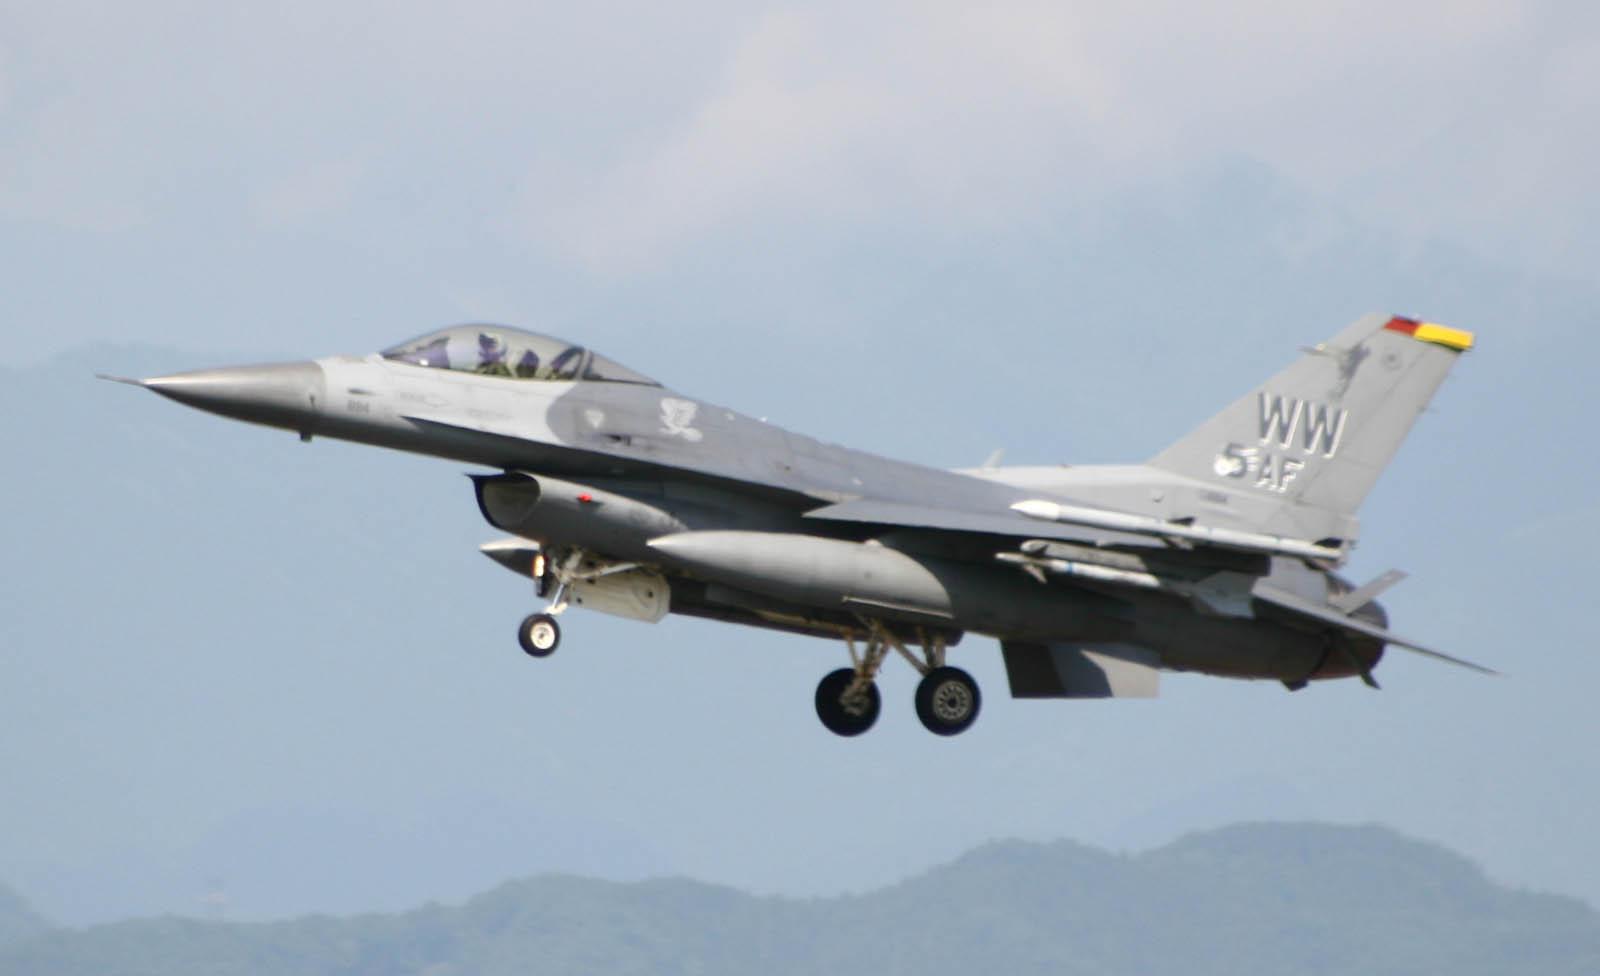 F16cj120530g034